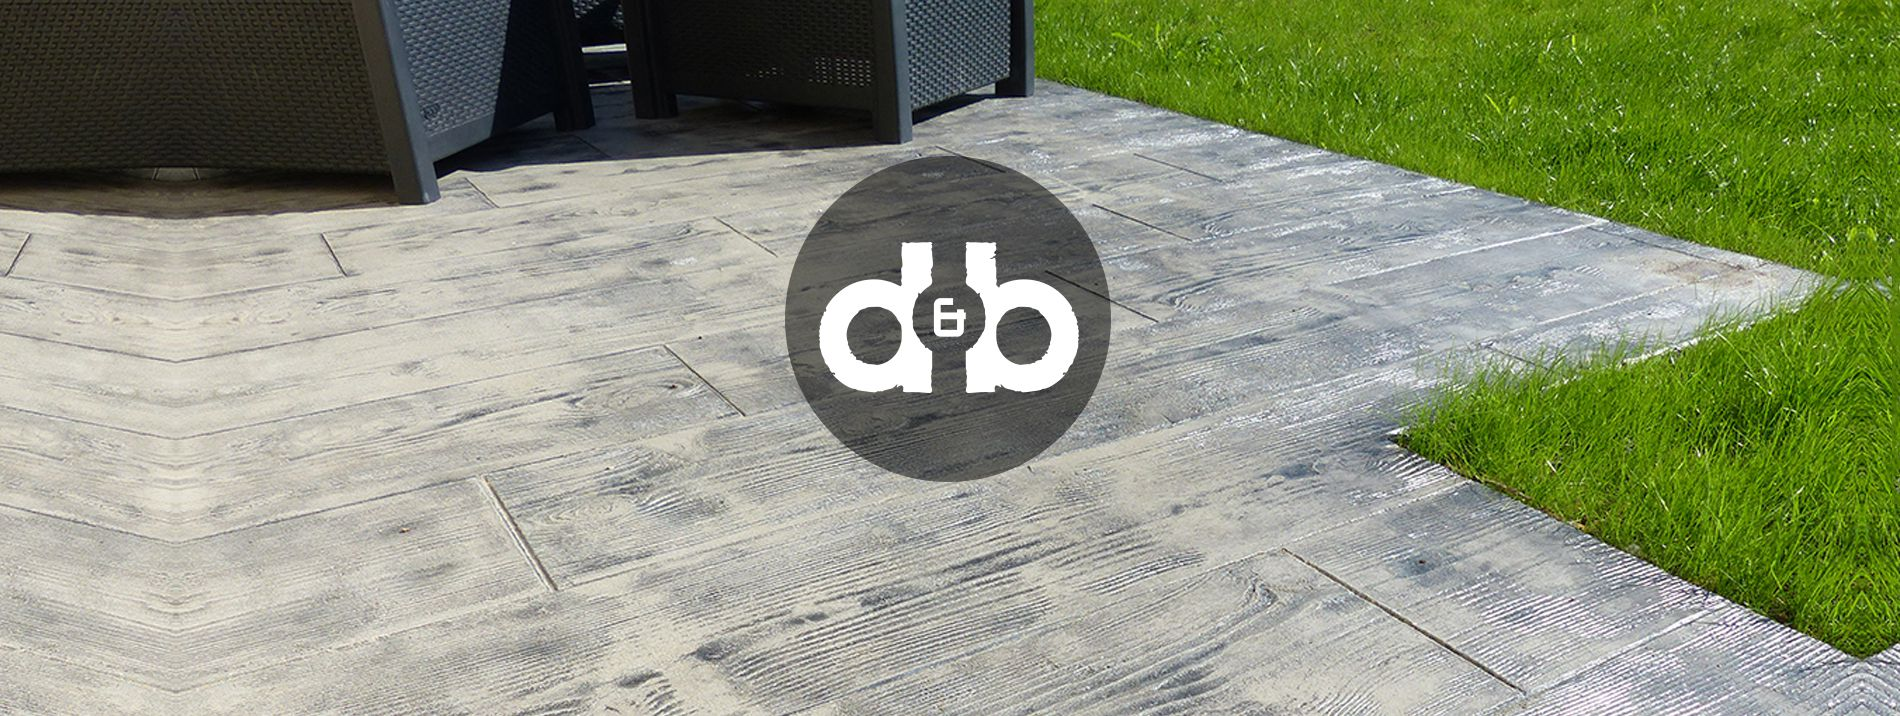 design et b ton pour les industries et professionnels quimper sarl design et b ton. Black Bedroom Furniture Sets. Home Design Ideas